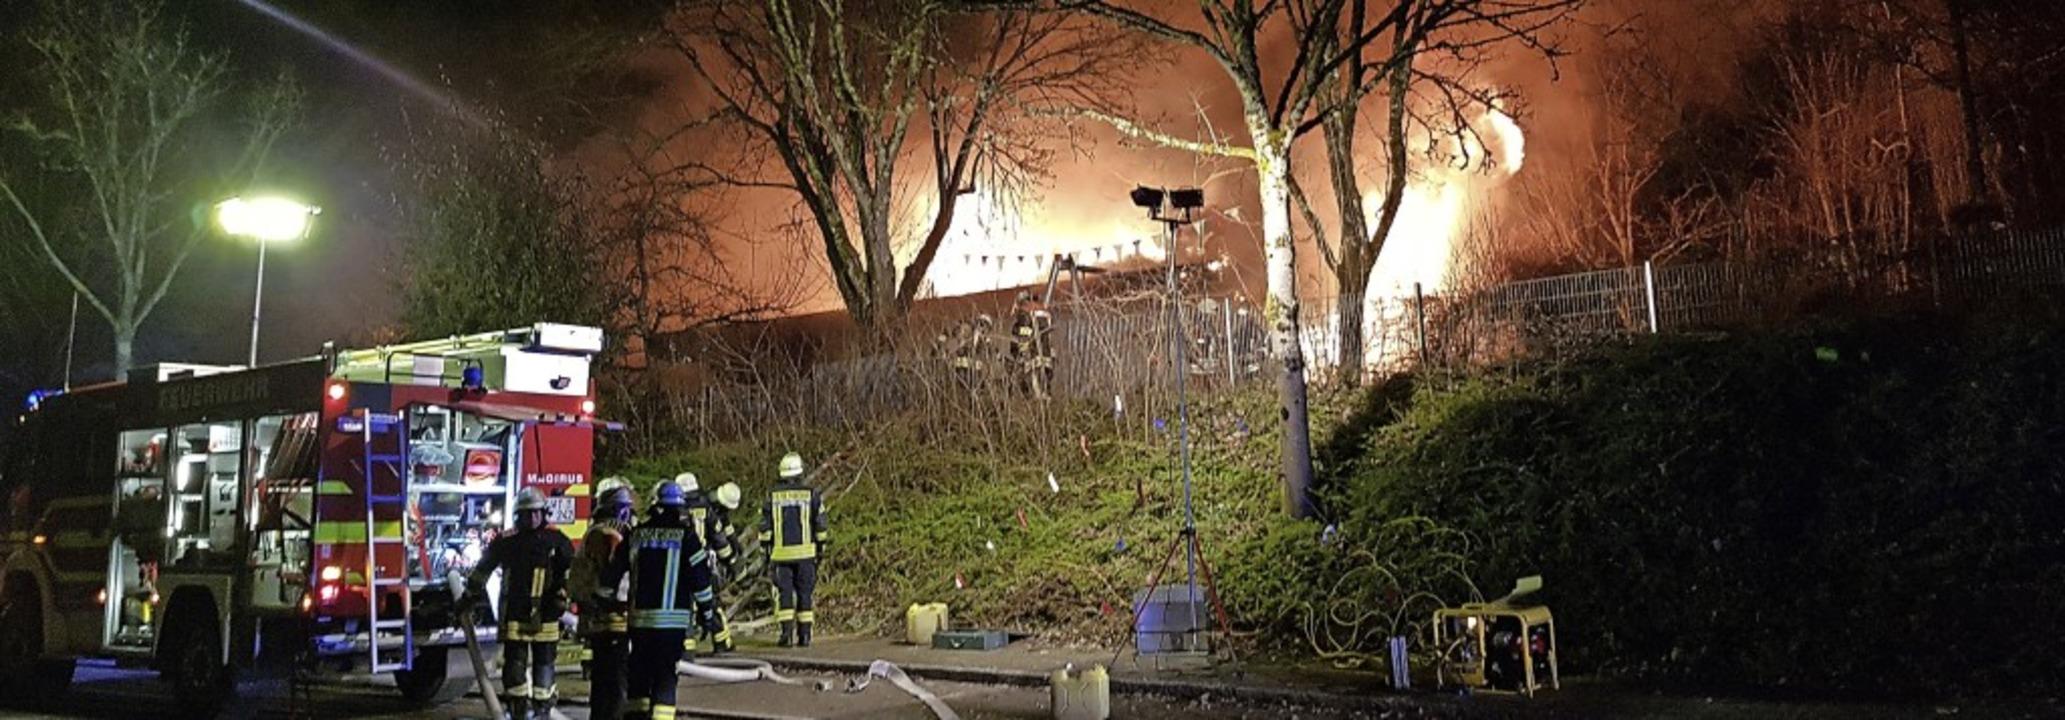 Der Kindergarten Seeboden in Wehr stand in der Nacht zum Dienstag in Flammen.  | Foto: kamera24